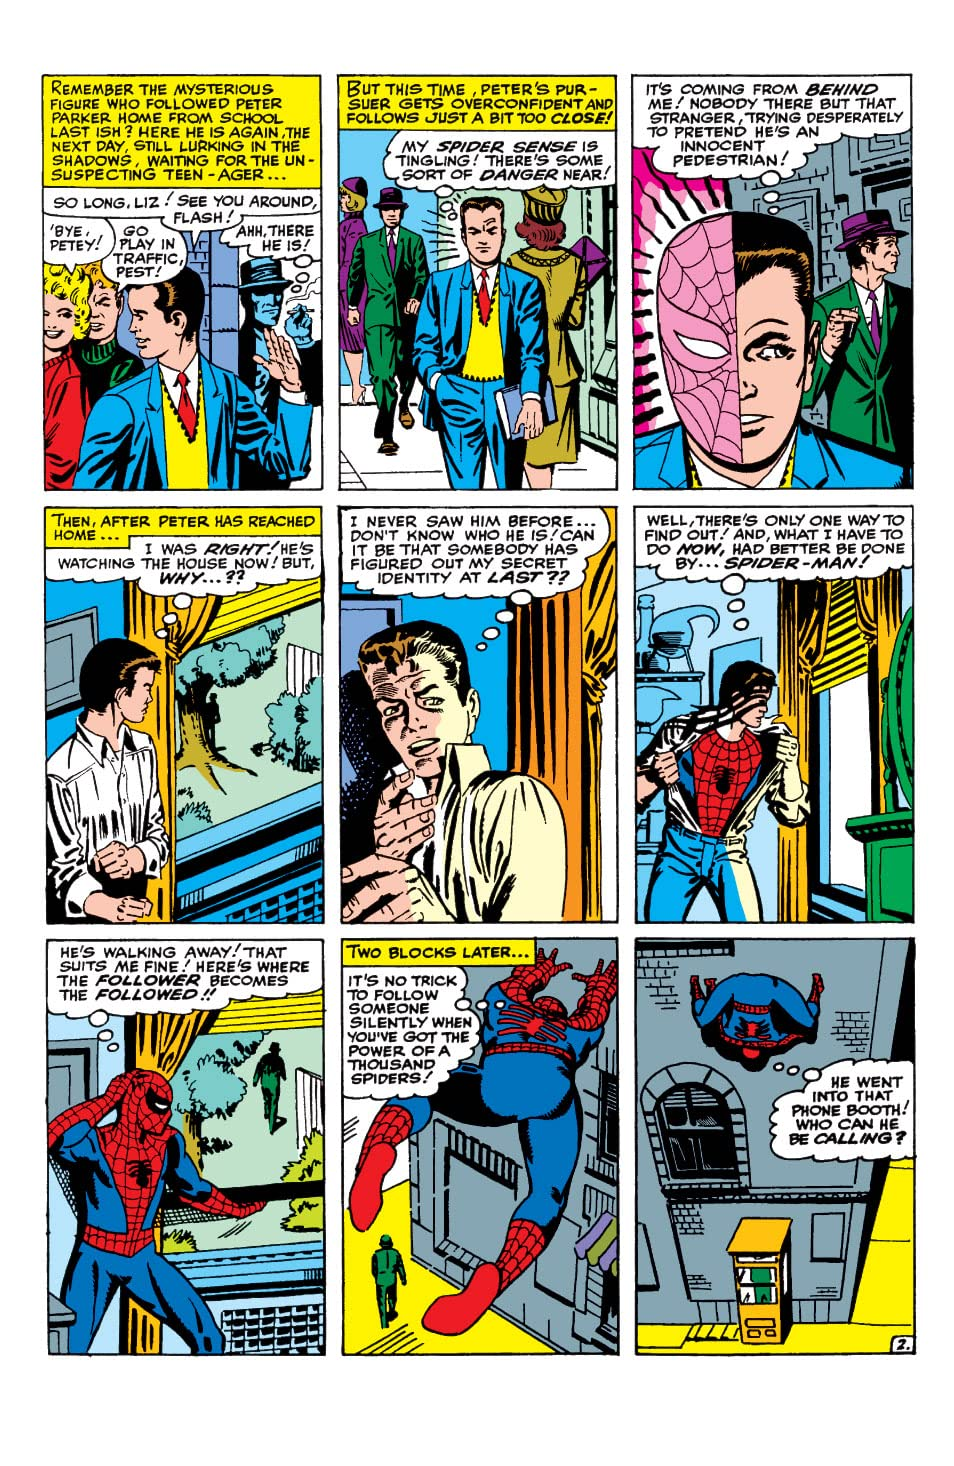 Amazing Spider-Man Masterworks Vol. 3